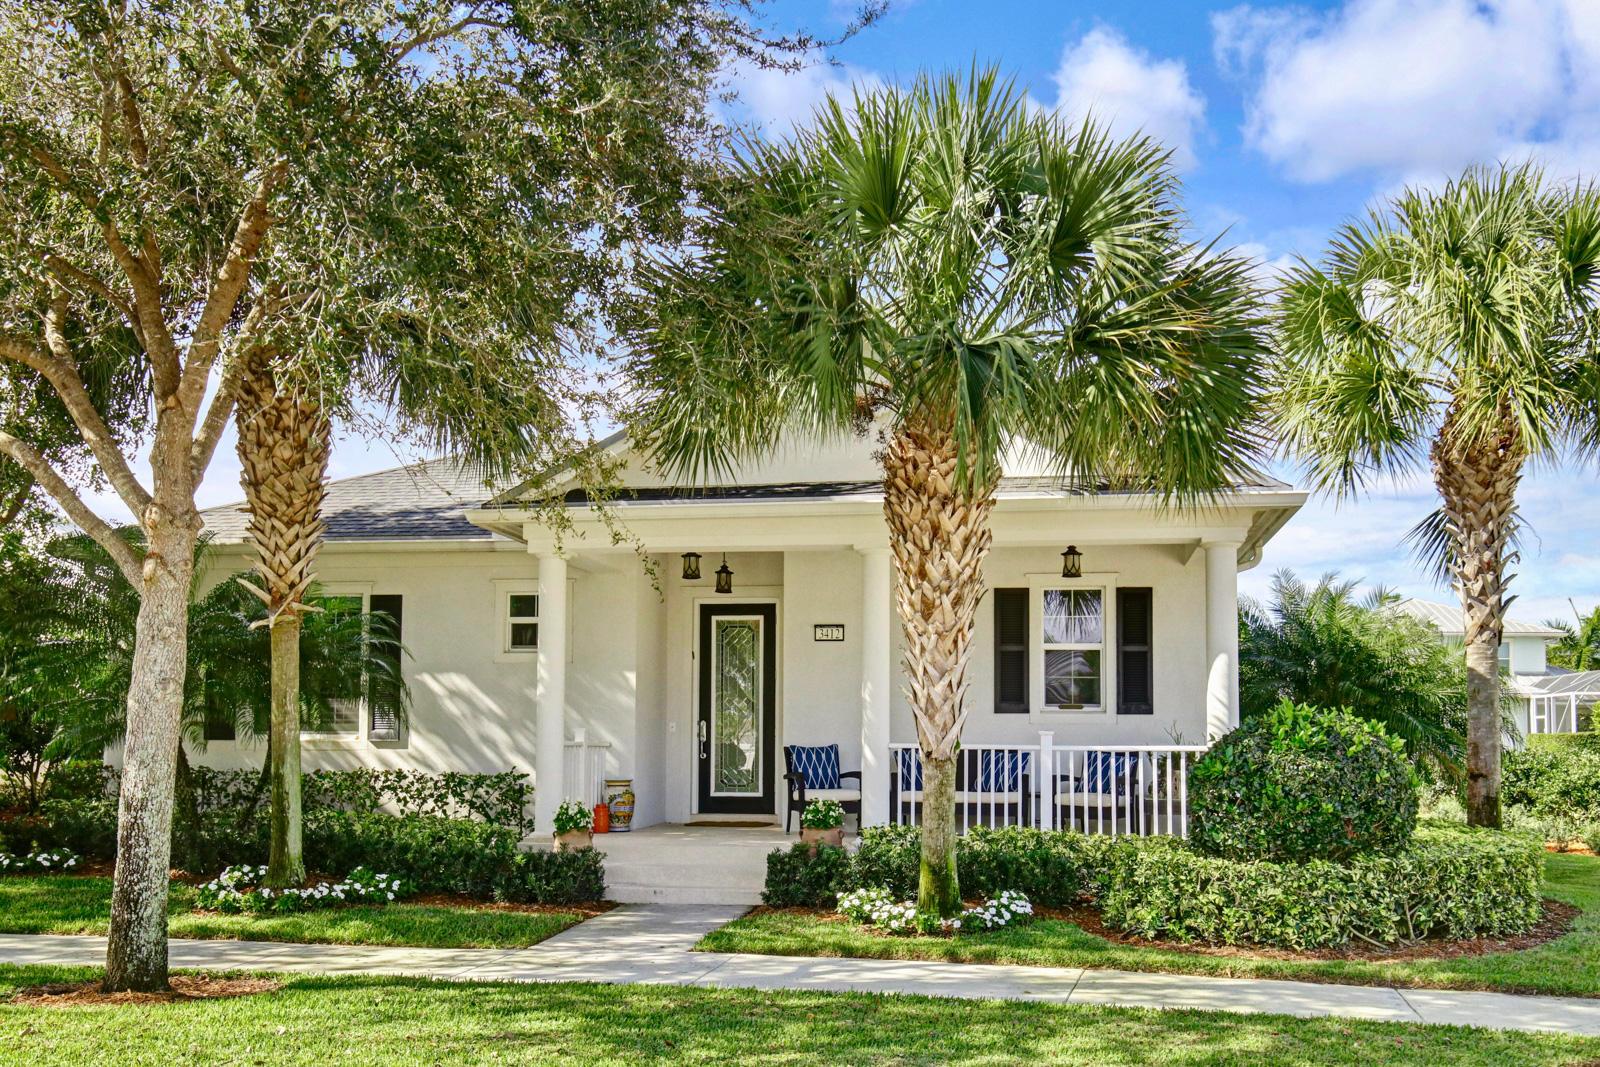 New Home for sale at 3412 Caroline Drive in Jupiter